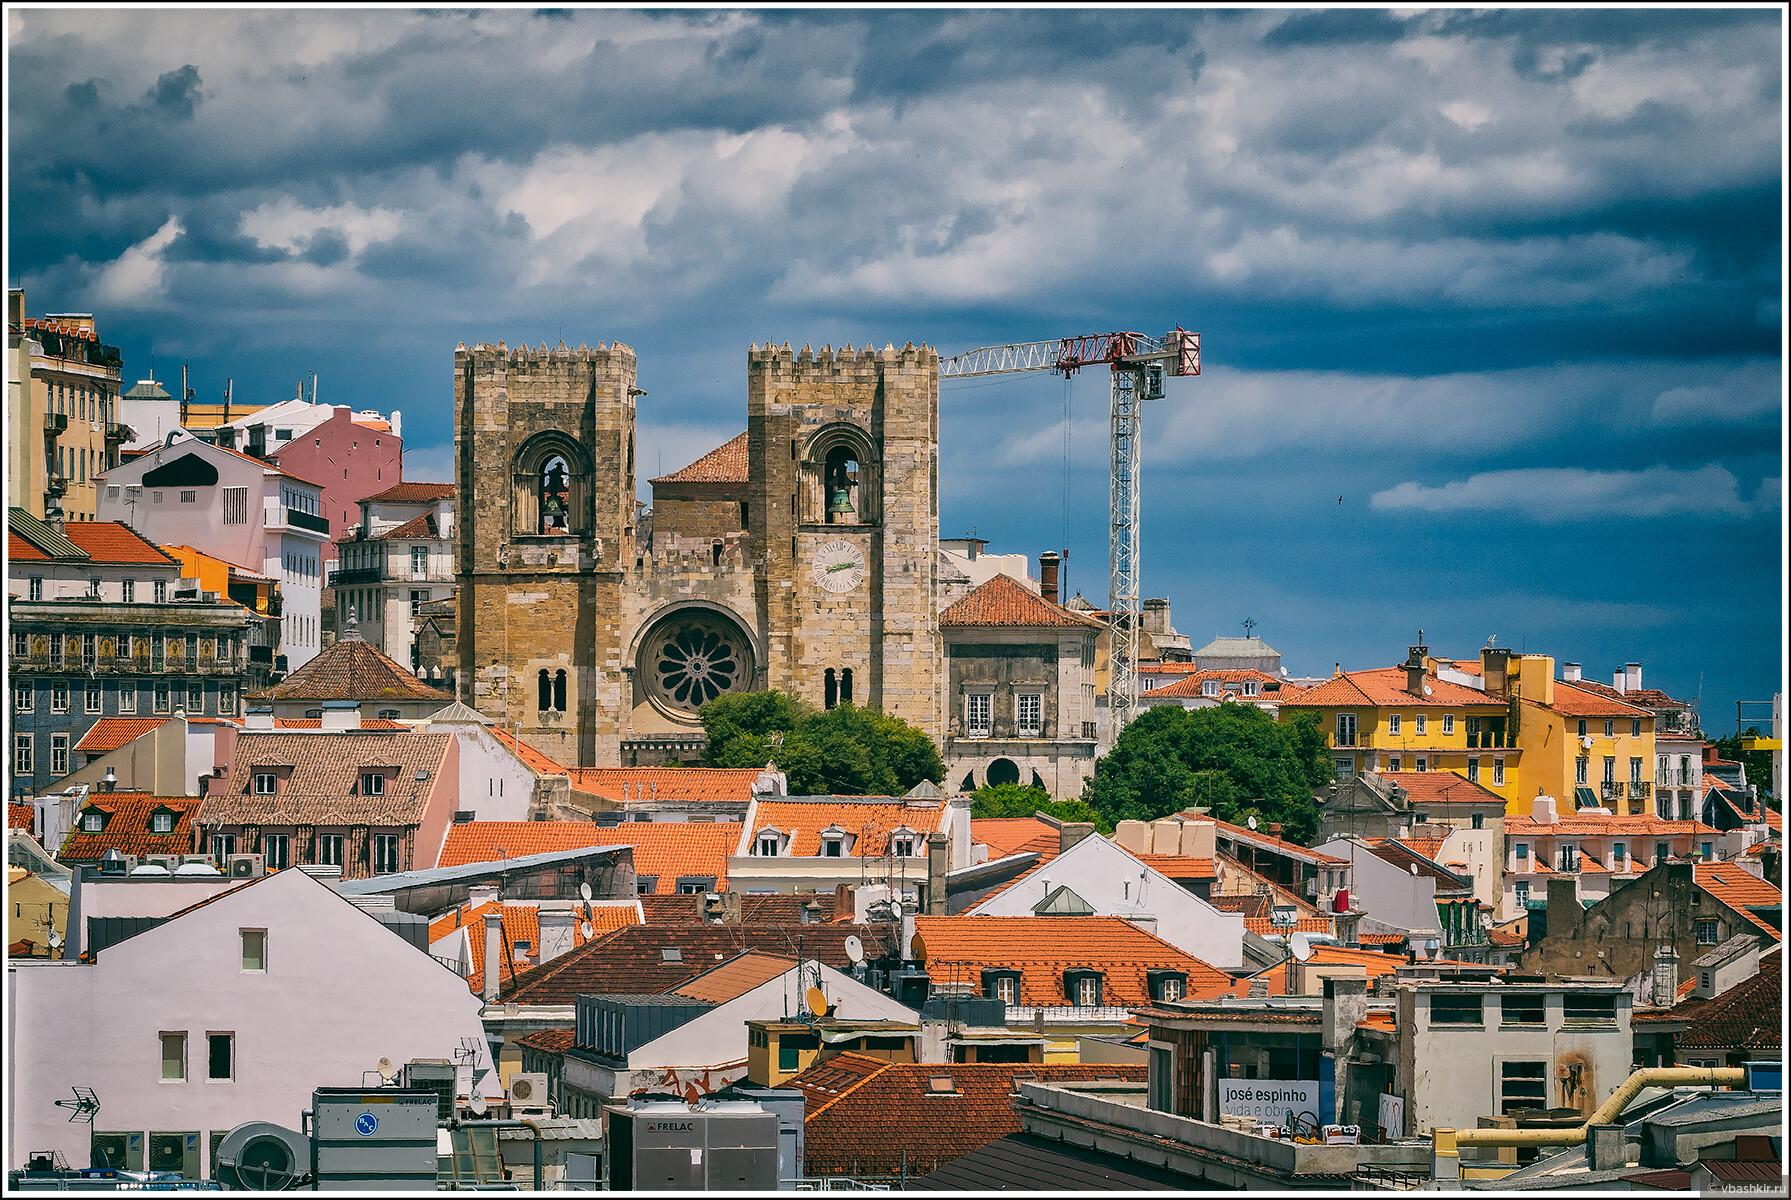 Се. Кафедральный собор Лиссабона., Я и лаг у троп. Португалия! (палиндром)